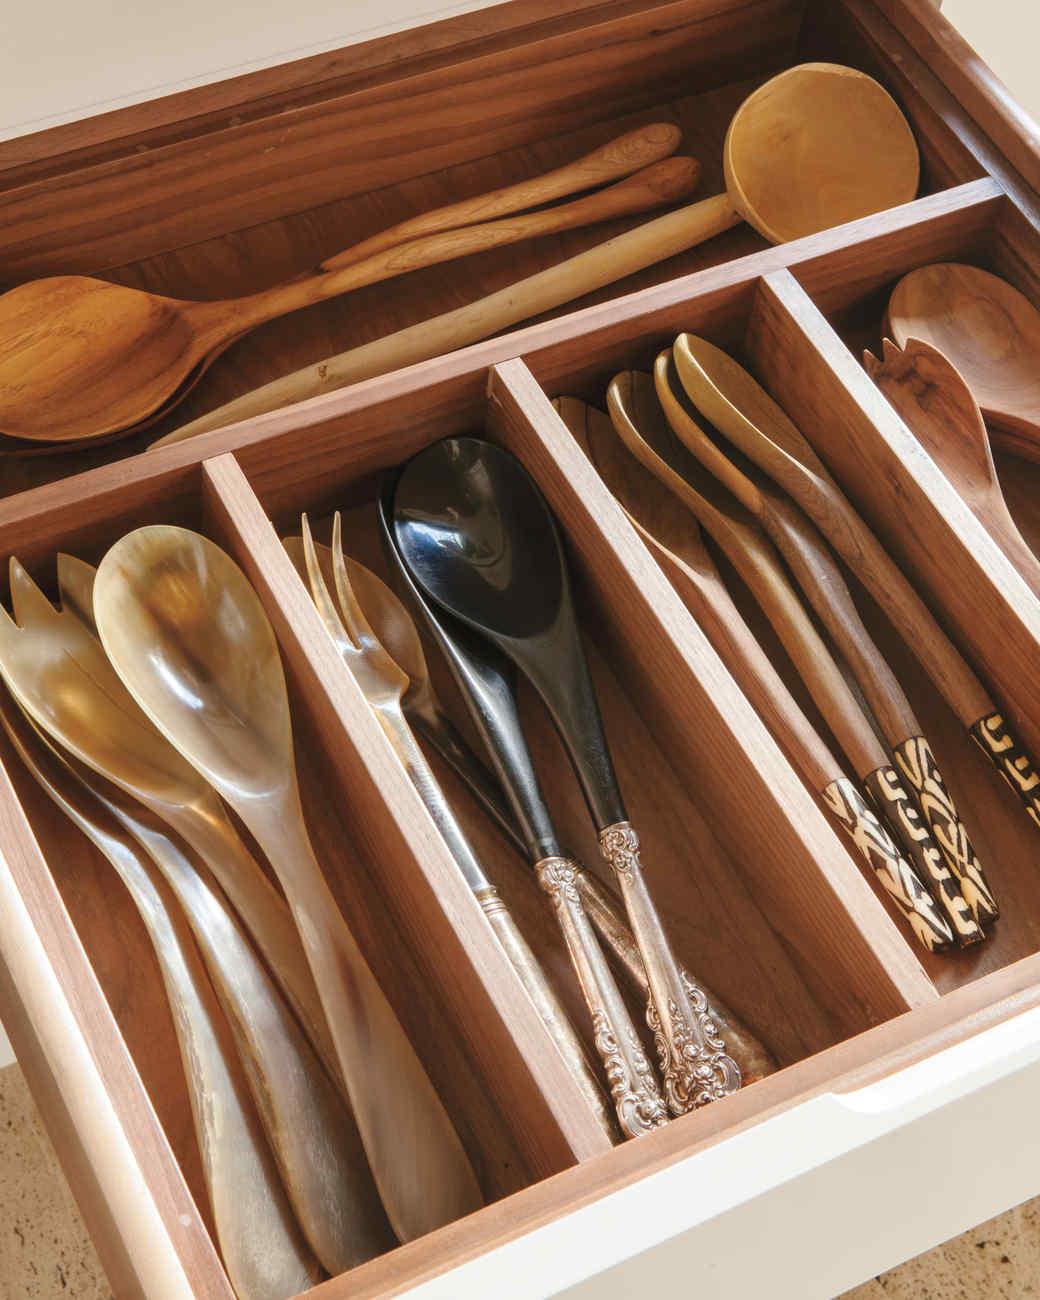 spoon-drawer-012-mld109599.jpg